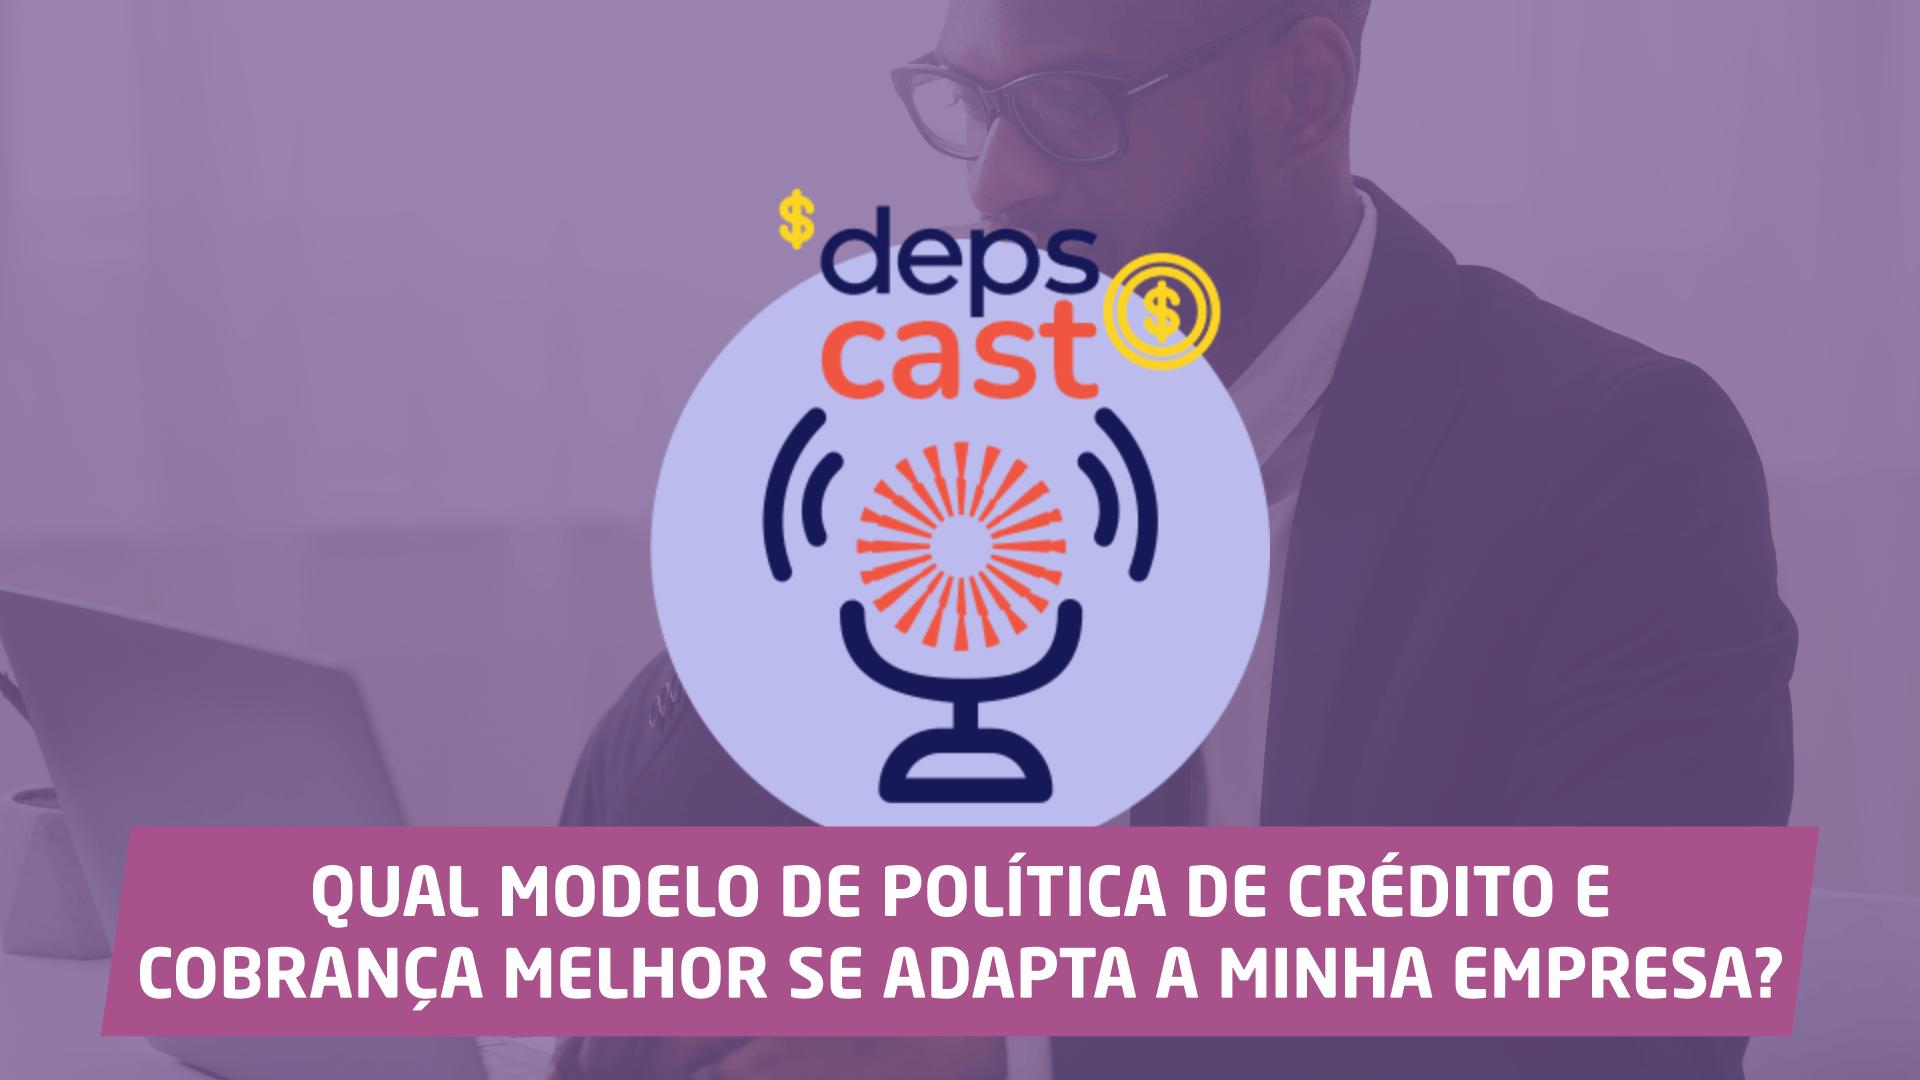 DepsCast 3 Qual modelo de política de crédito e cobrança melhor se adapta a minha empresa